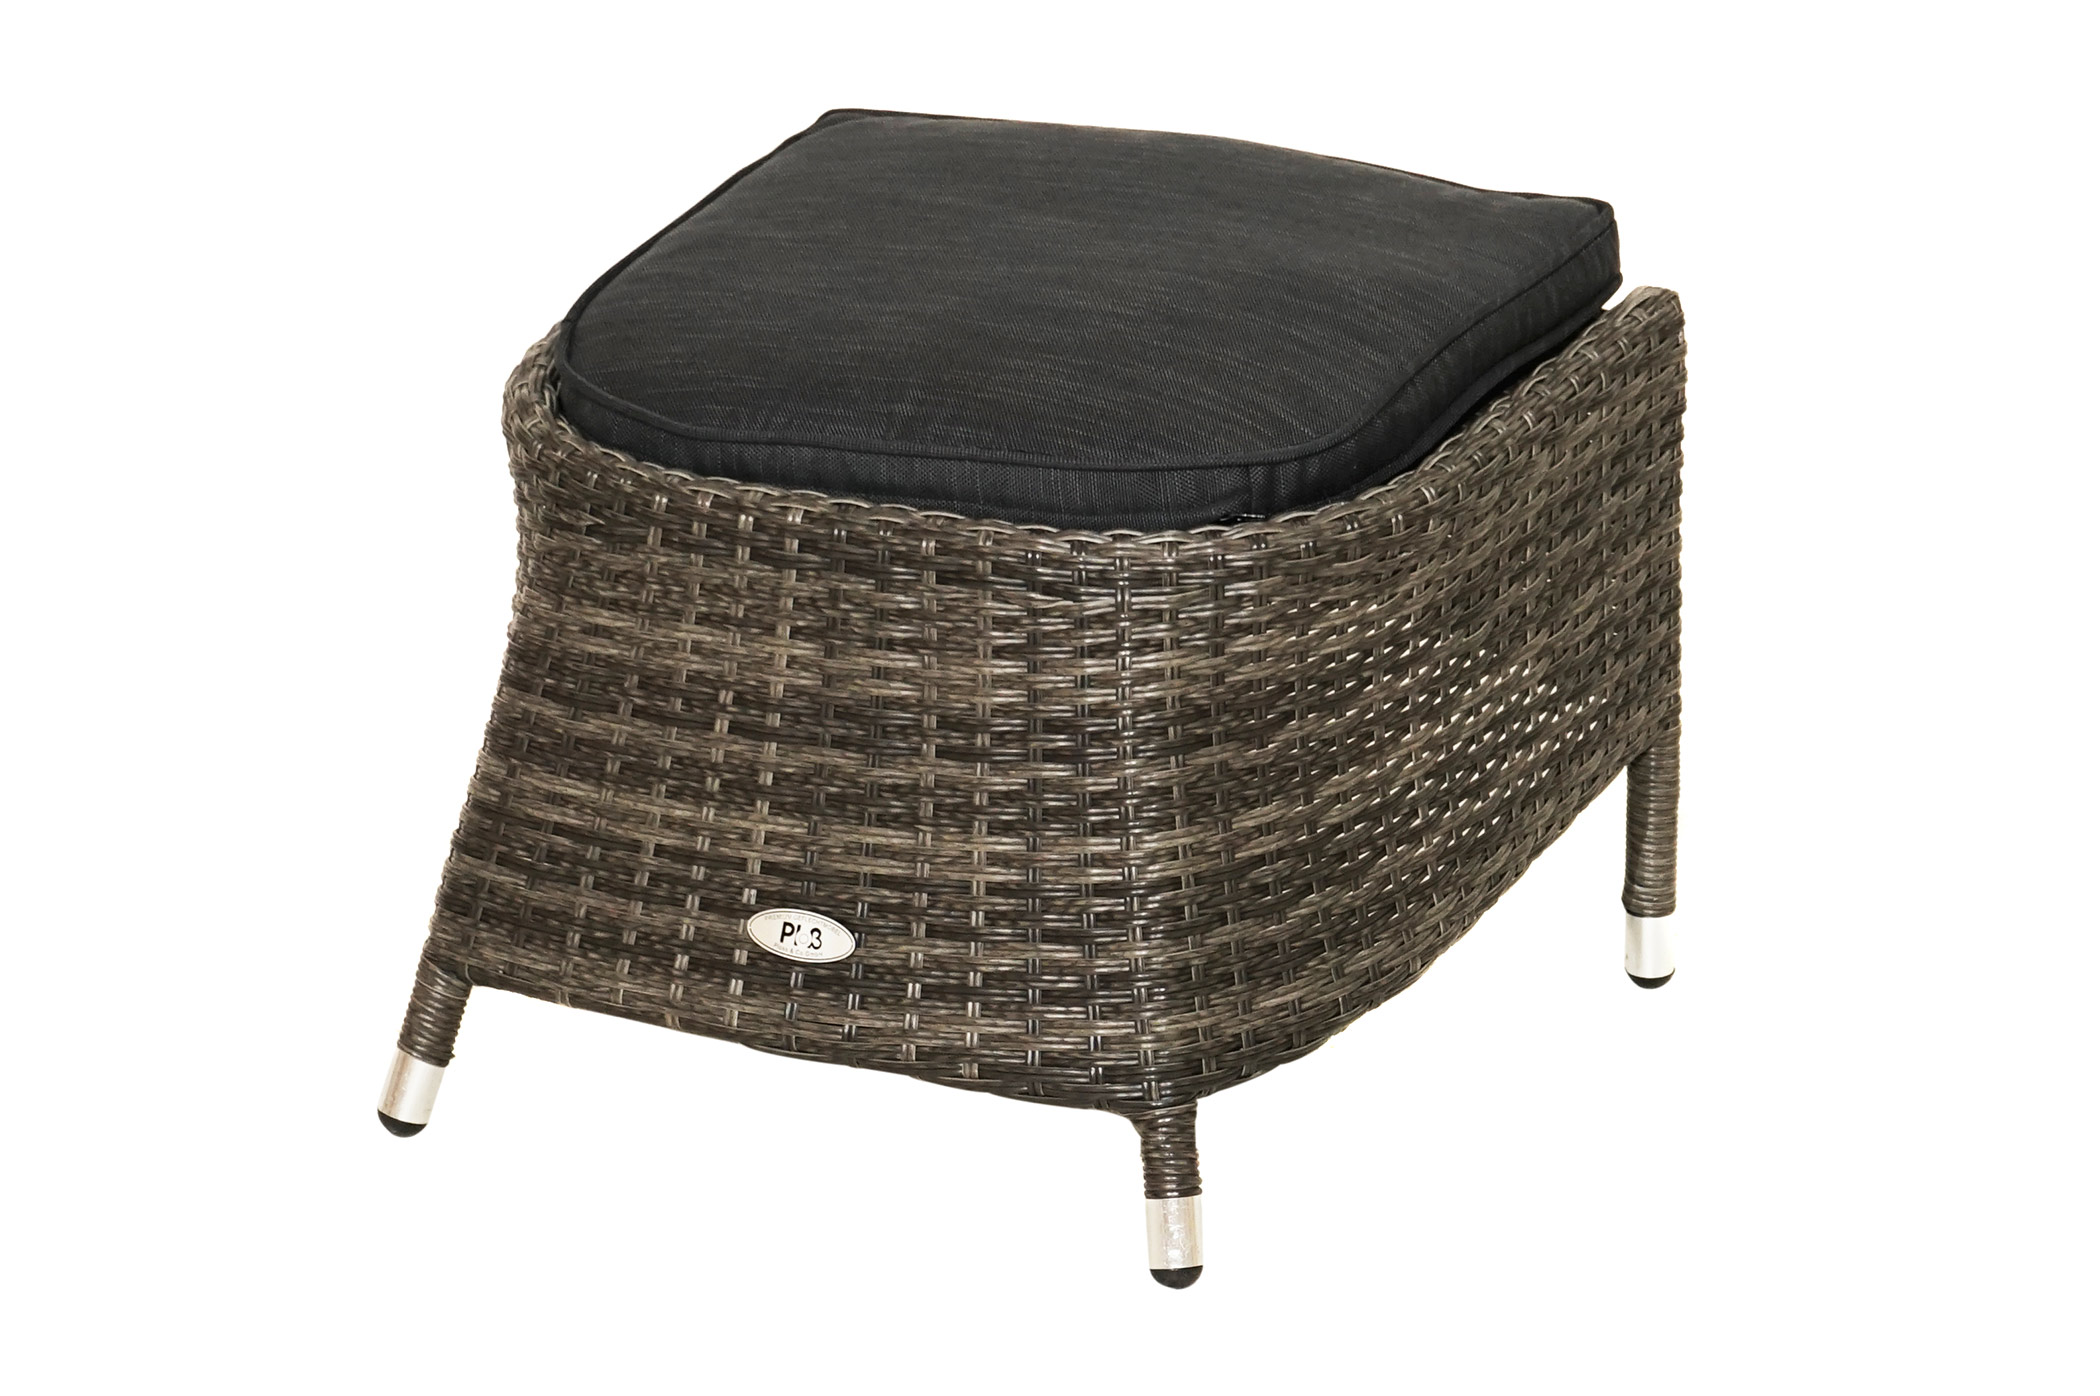 fu hocker rocking zu diningsessel hocker fussauflagen gartenm bel gardanio ihr. Black Bedroom Furniture Sets. Home Design Ideas